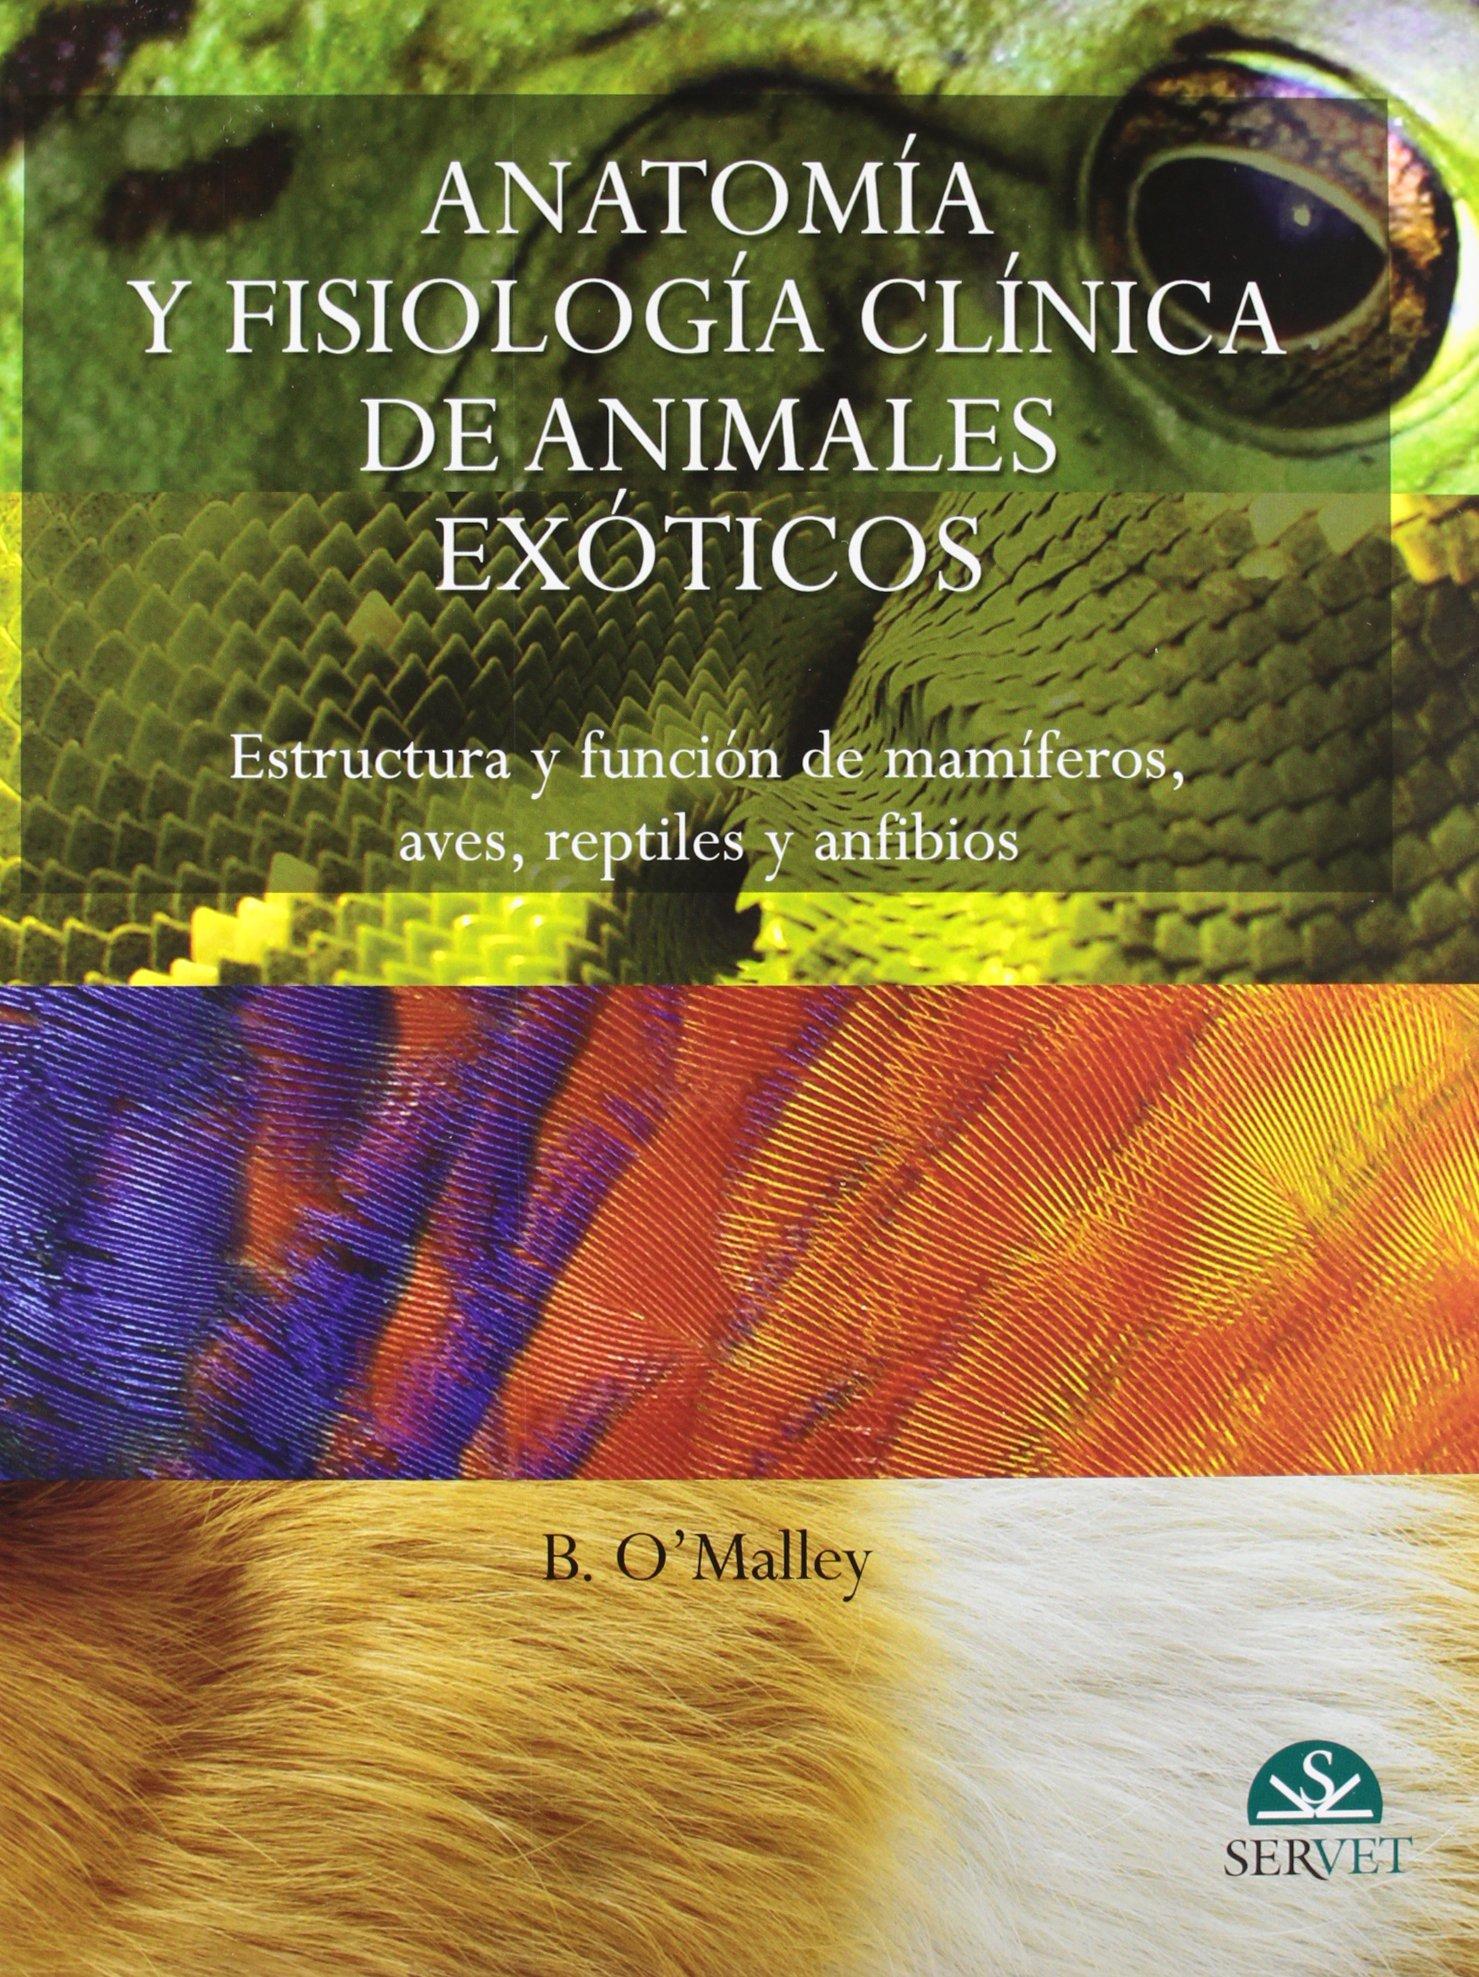 Anatomía y fisiología clínica de animales exóticos - Libros de ...